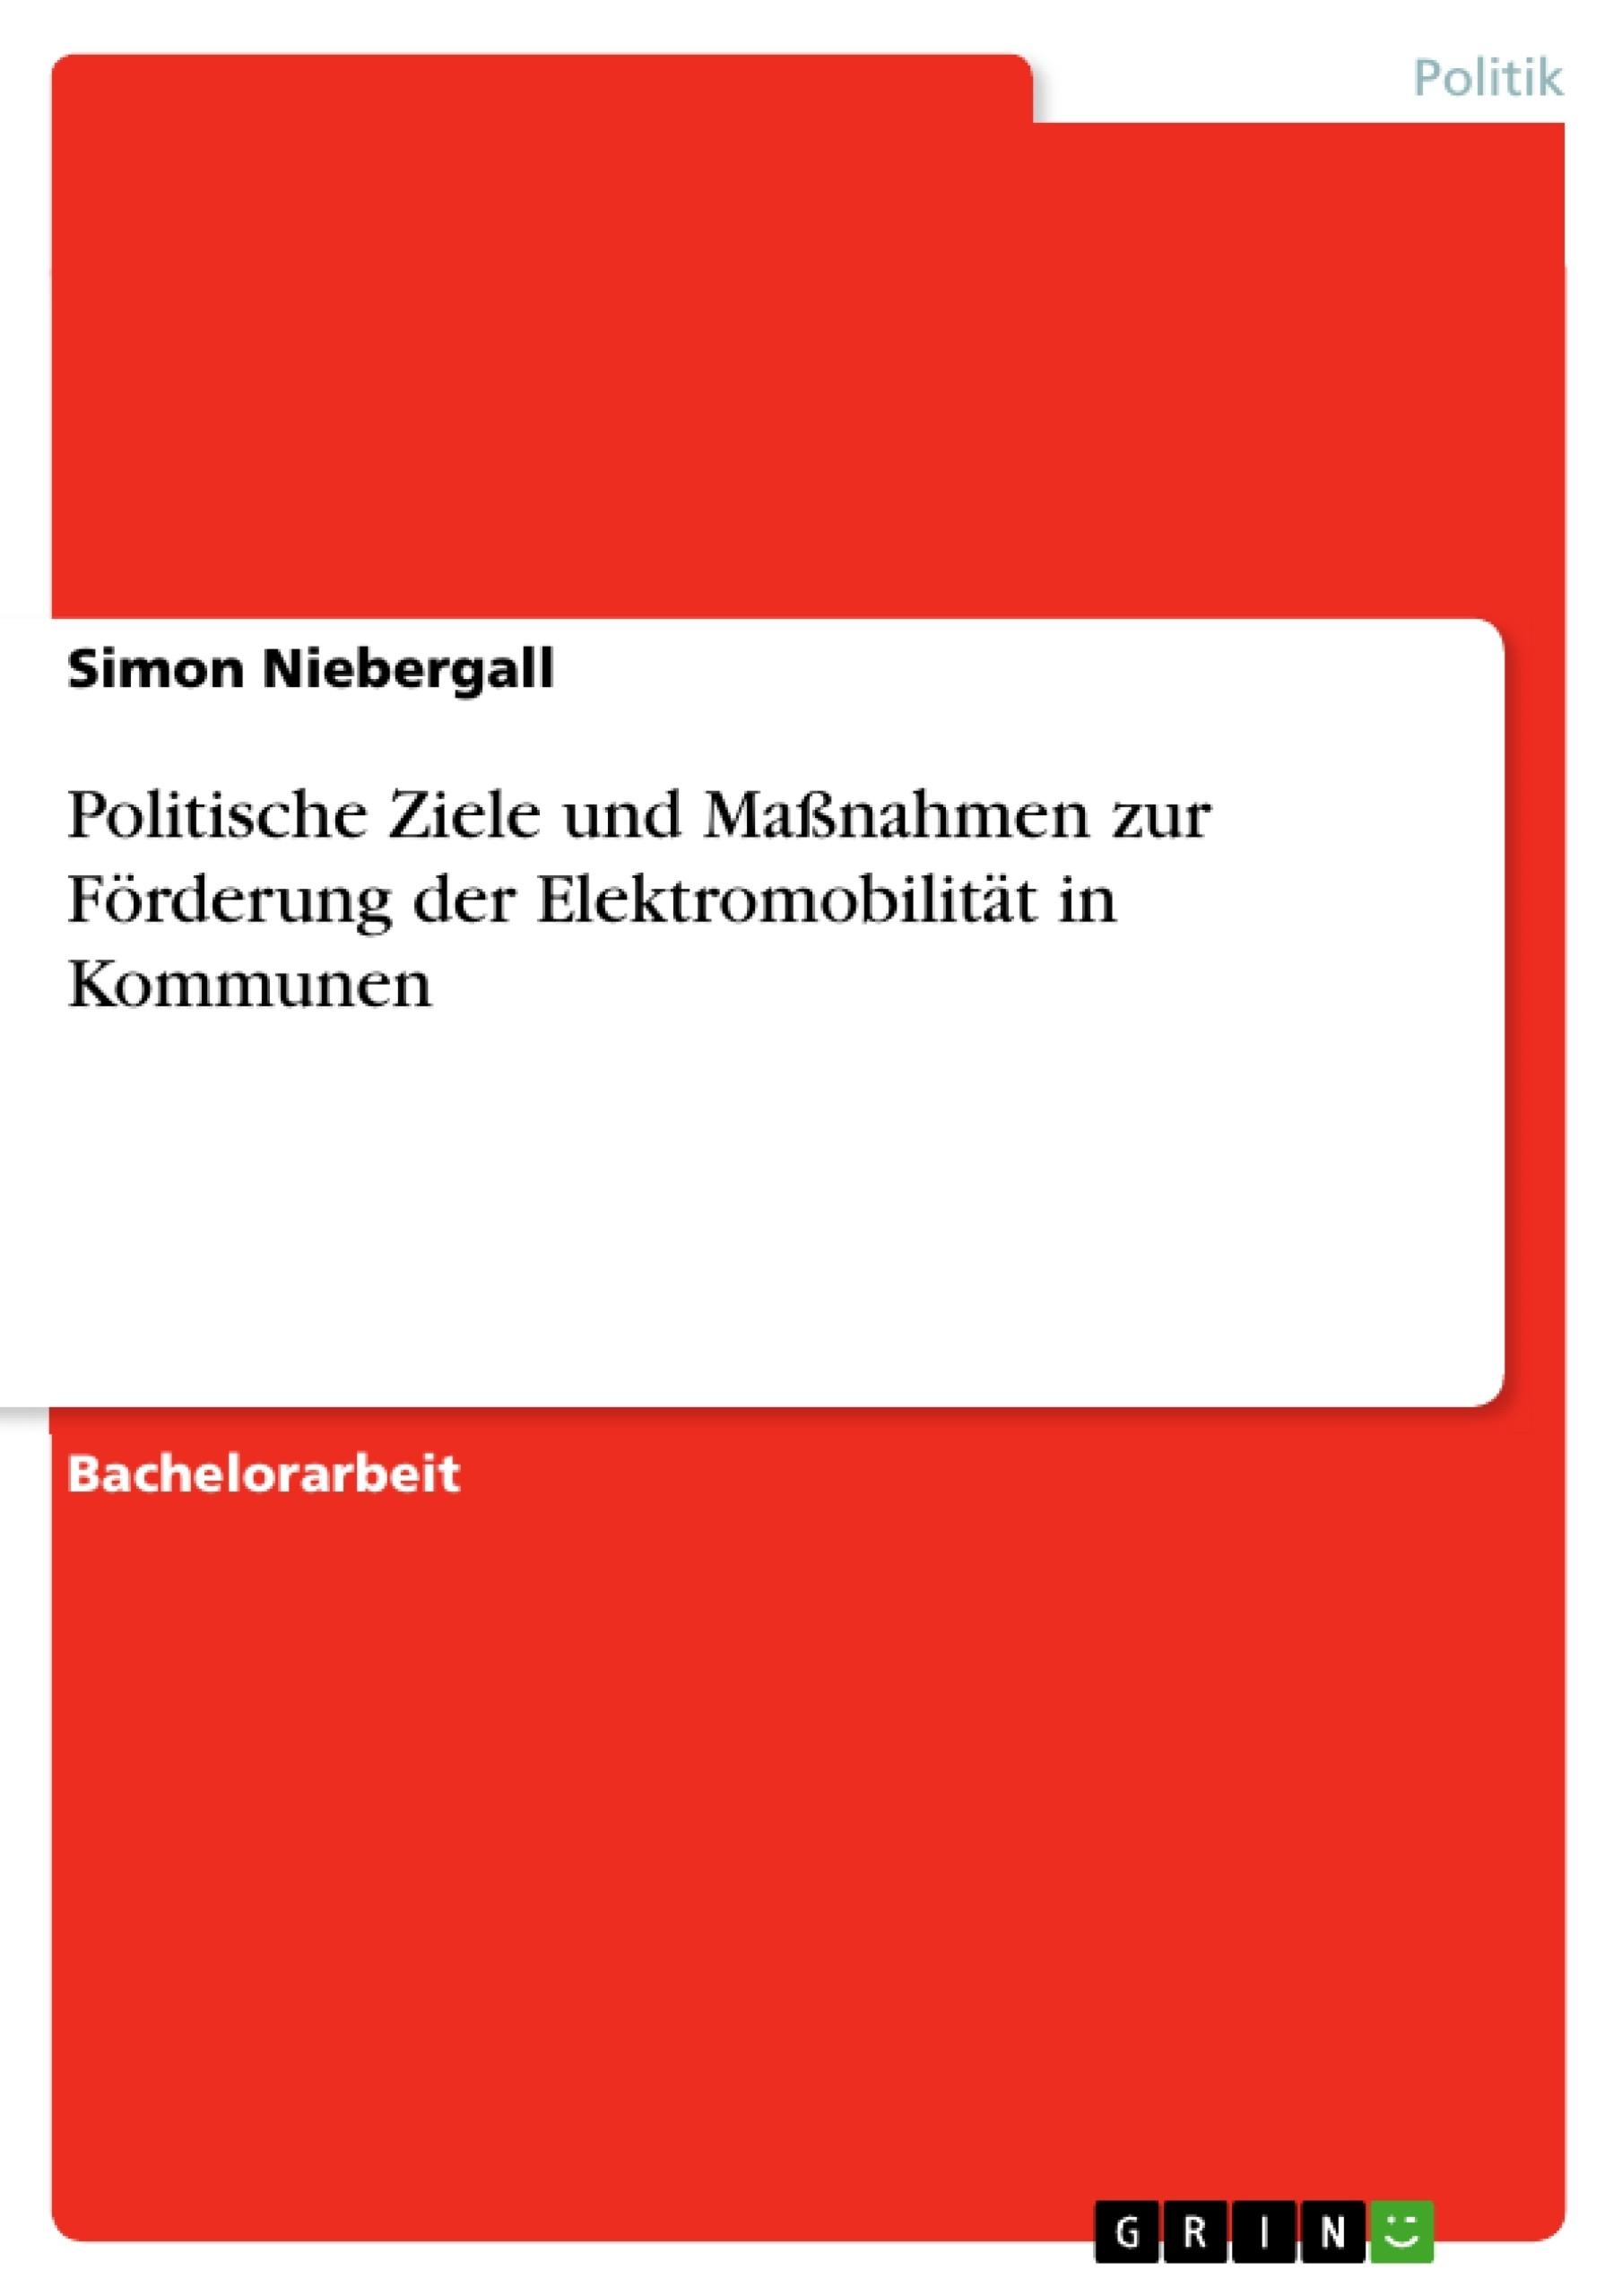 Titel: Politische Ziele und Maßnahmen zur Förderung der Elektromobilität in Kommunen